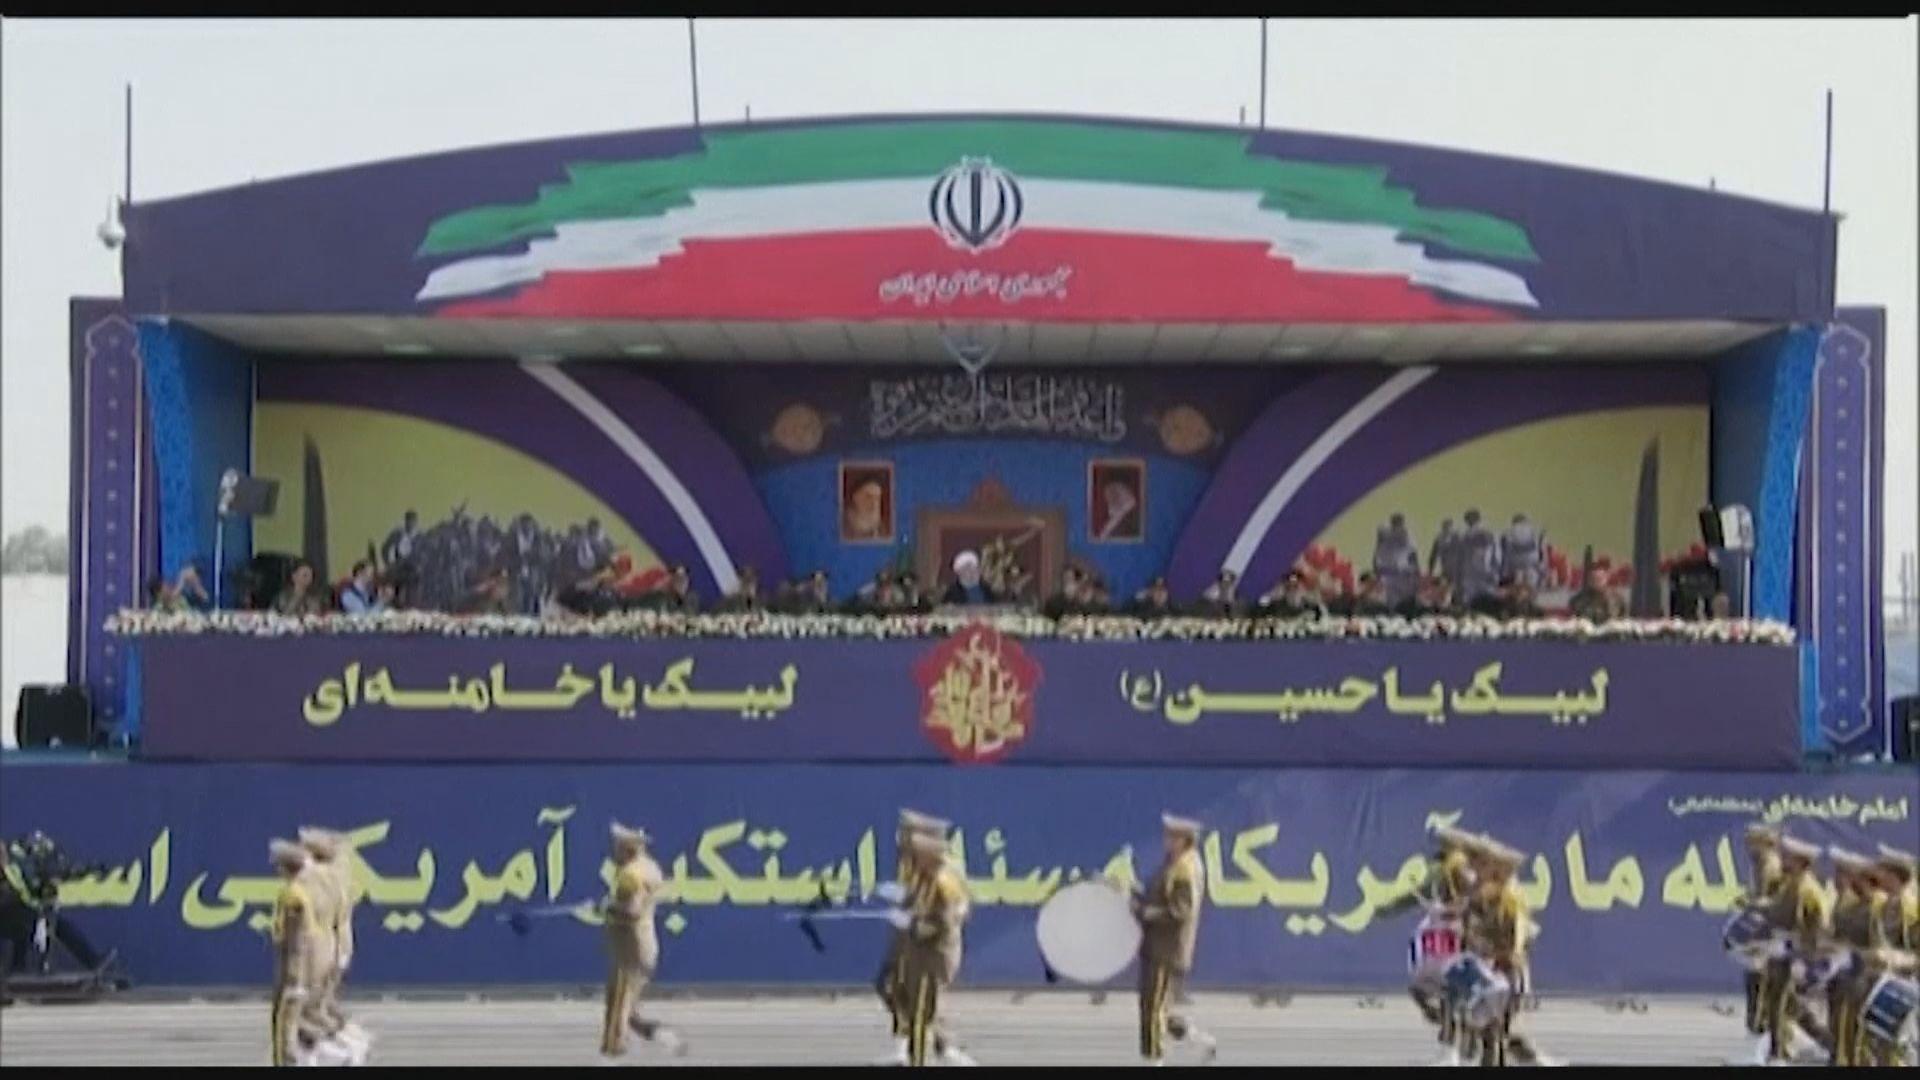 報道指中國及伊朗將大幅加強貿易及軍事合作